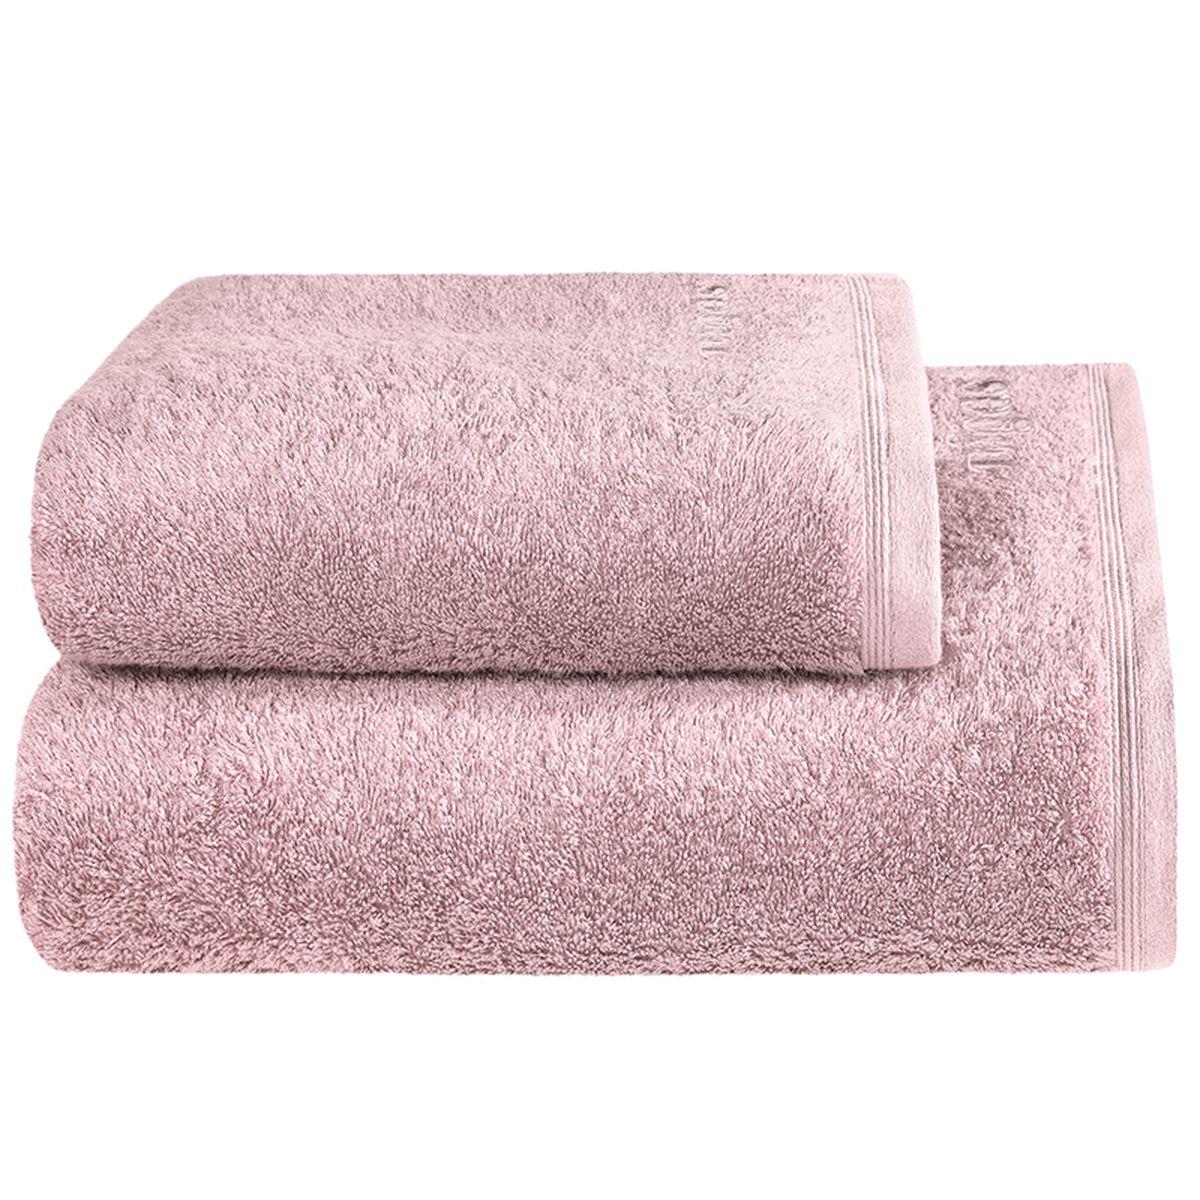 Полотенце Togas Пуатье, цвет: розовый, 70 х 140 см1004900000360Полотенце Togas Пуатье невероятно гармонично сочетает в себе лучшие качества современного махрового текстиля. Безупречные по качеству, экологичное полотенце из 70% хлопка и 30% модала идеально заботится о вашей коже, особенно после душа, когда вы расслаблены и особо уязвимы. Деликатный дизайн полотенца Togas «Пуатье» - воплощение изысканной простоты, где на первый план выходит качество материала. Невероятно мягкое волокно модал, превосходящее по своим свойствам даже хлопок, позволяет улучшить впитывающие качества полотенца и делает его удивительно мягким. Модал - это 100% натуральное, экологически чистое целлюлозное волокно. Оно производится без применения каких-либо химических примесей, поэтому абсолютно гипоаллергенно.Полотенце Togas Пуатье, обладающее идеальными качествами, будет поднимать вам настроение.